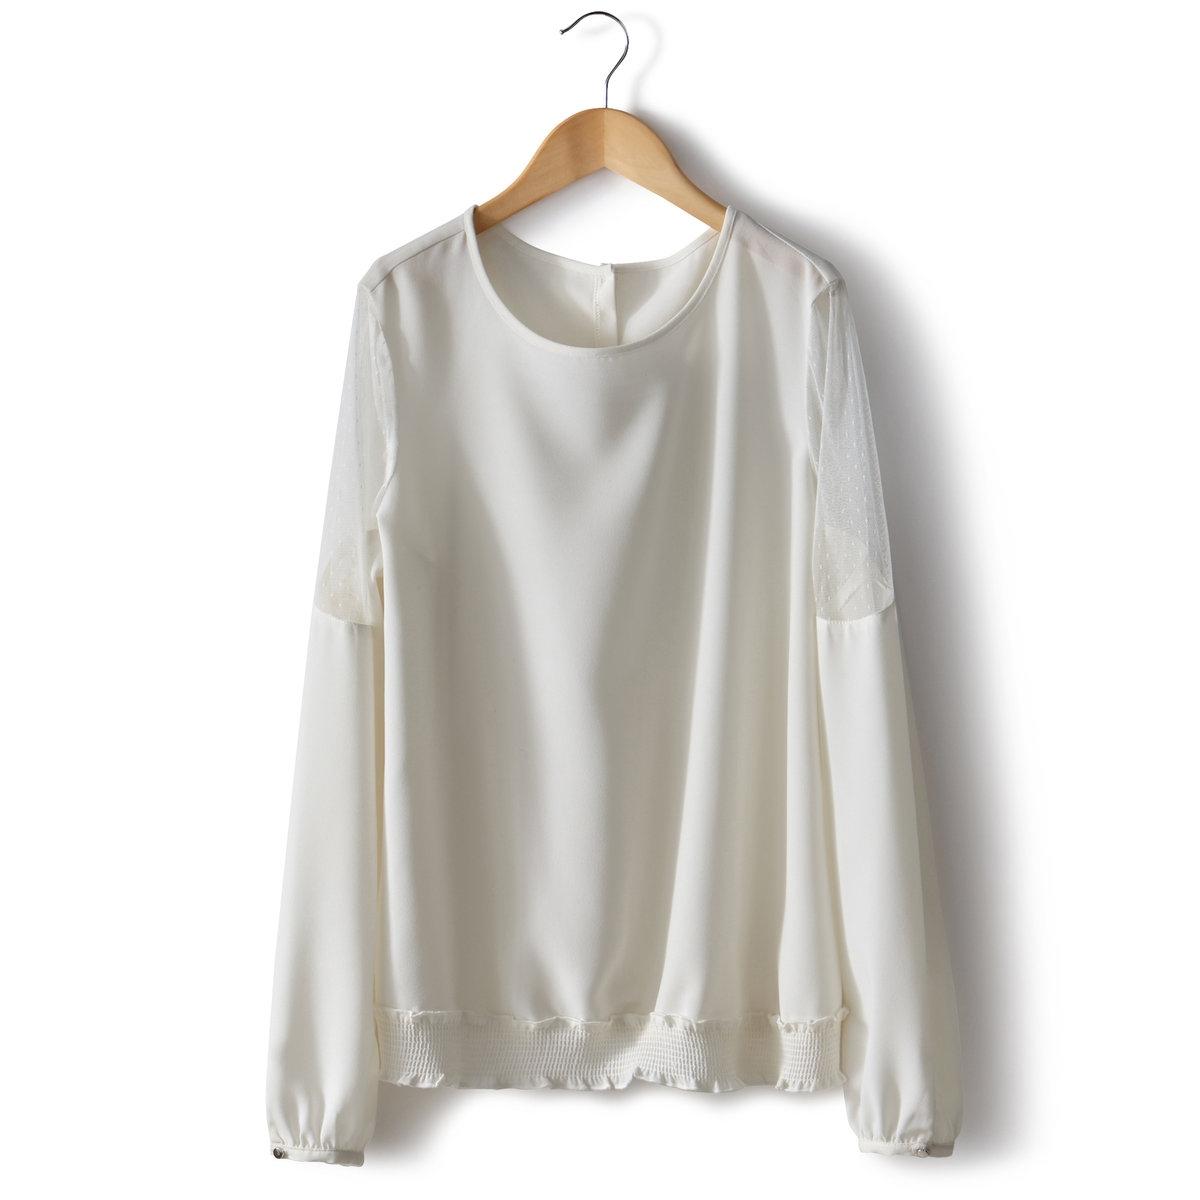 Блузка из расшитой гладью тканиДлина ок.64 см. 100% полиэстера.<br><br>Цвет: слоновая кость<br>Размер: 38 (FR) - 44 (RUS)